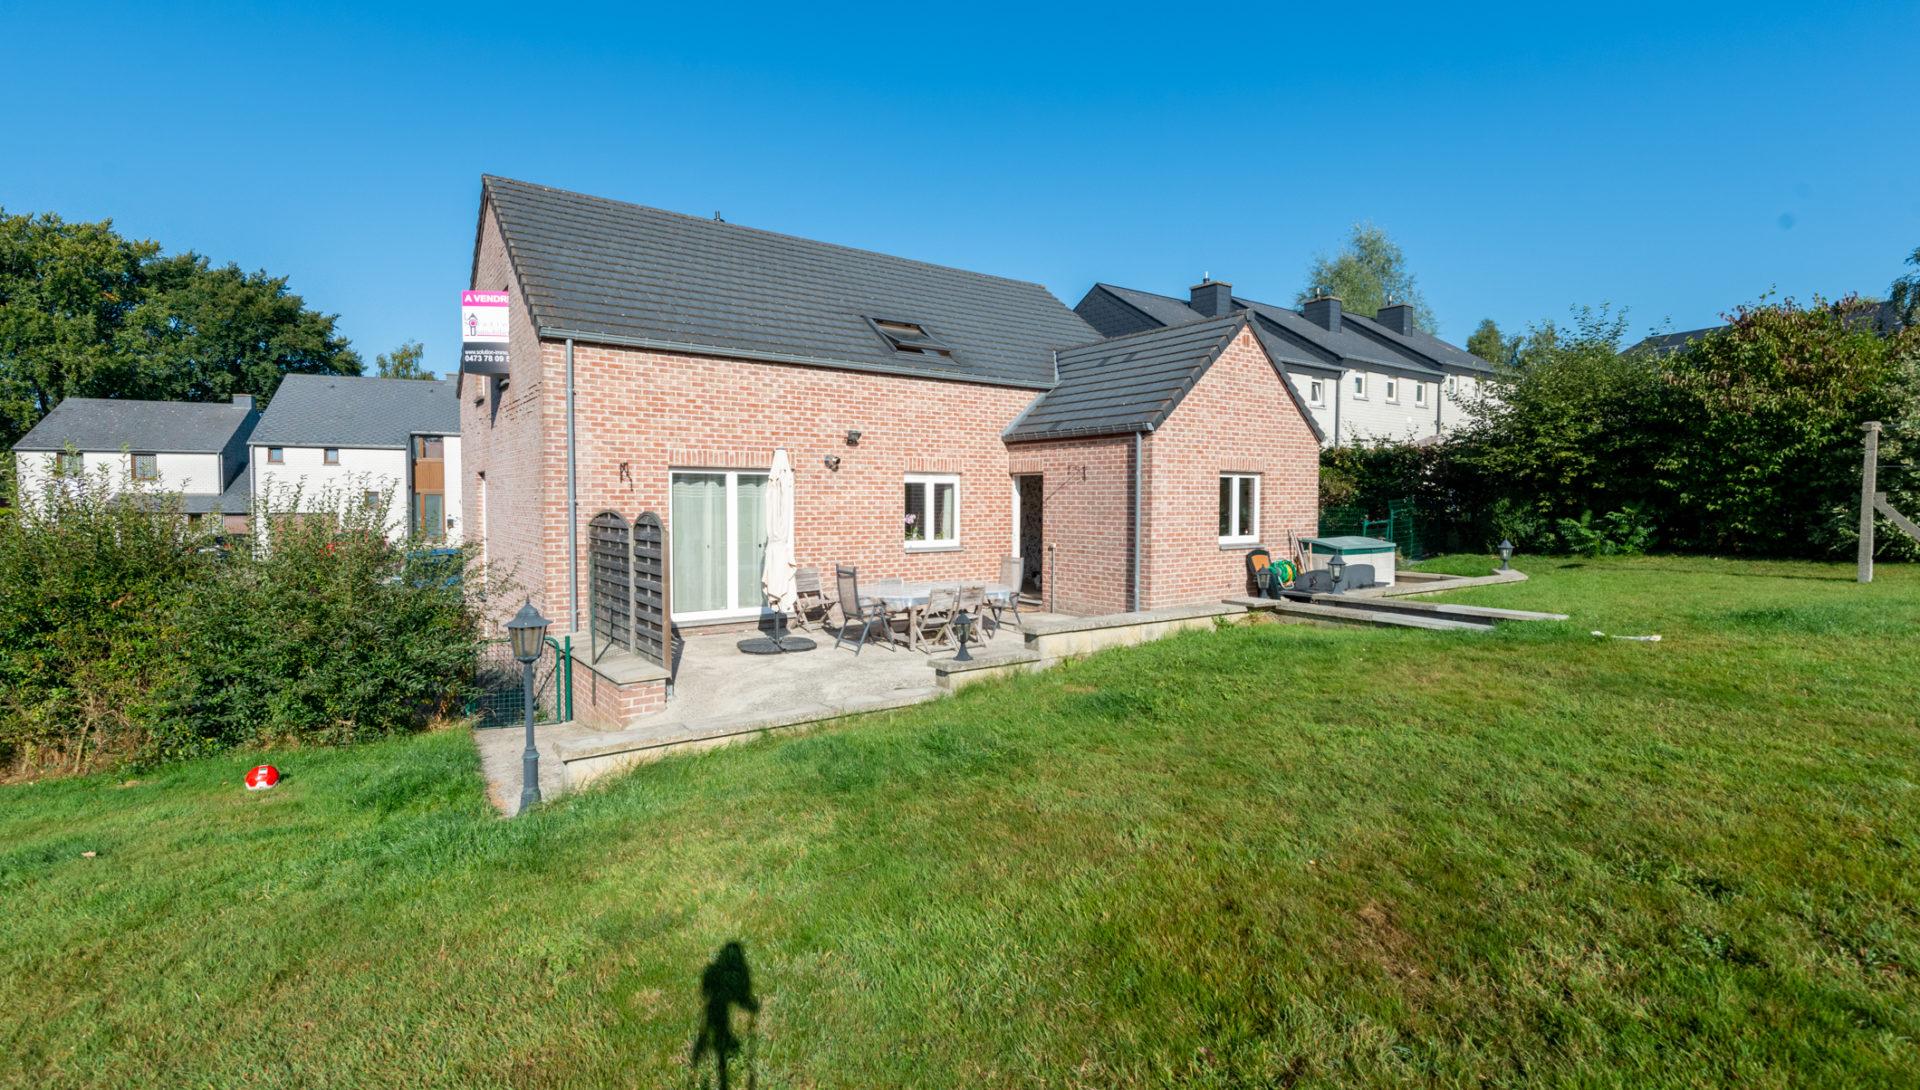 Magnifique maison 5 ch. avec grand jardin !